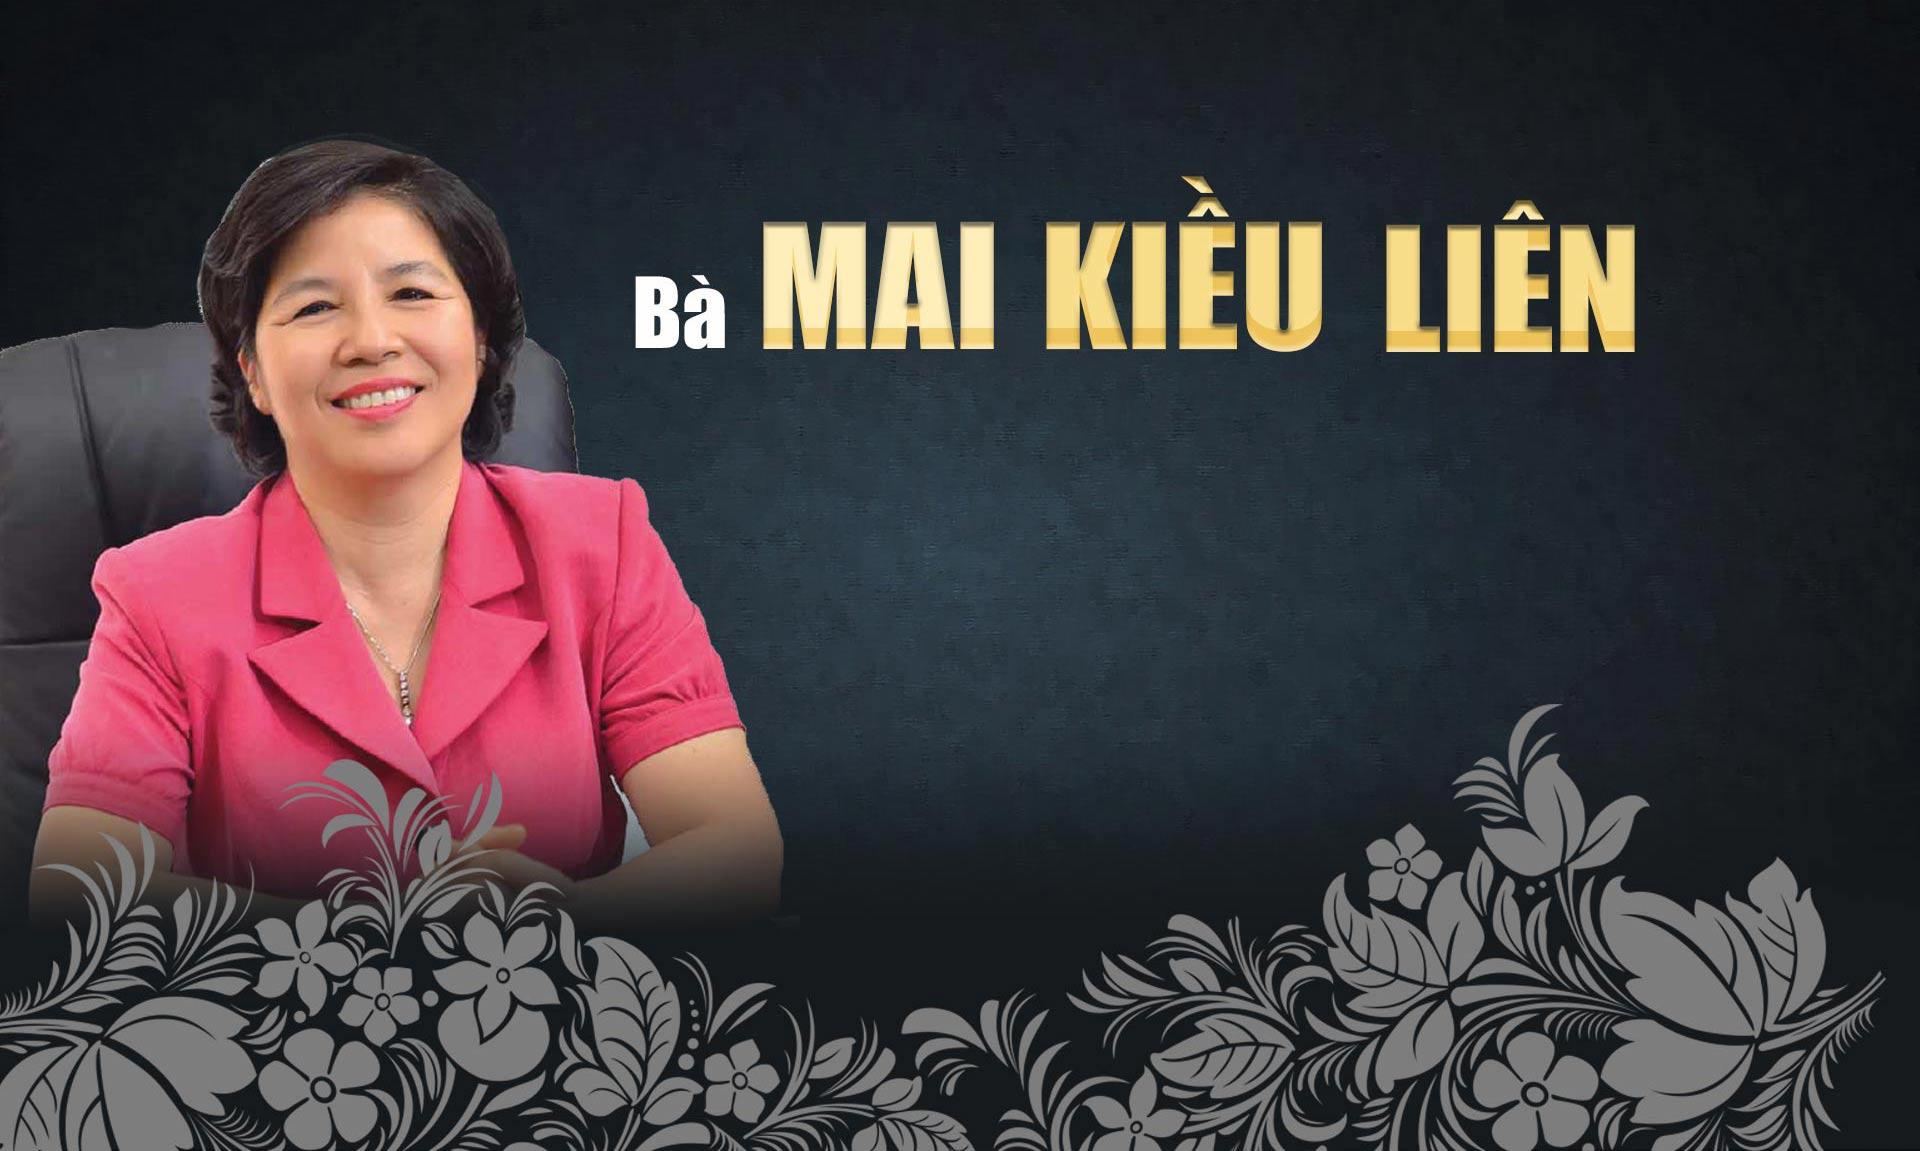 10 phụ nữ Việt gây choáng bởi sự giàu có, giỏi giang và quyền lực - 17